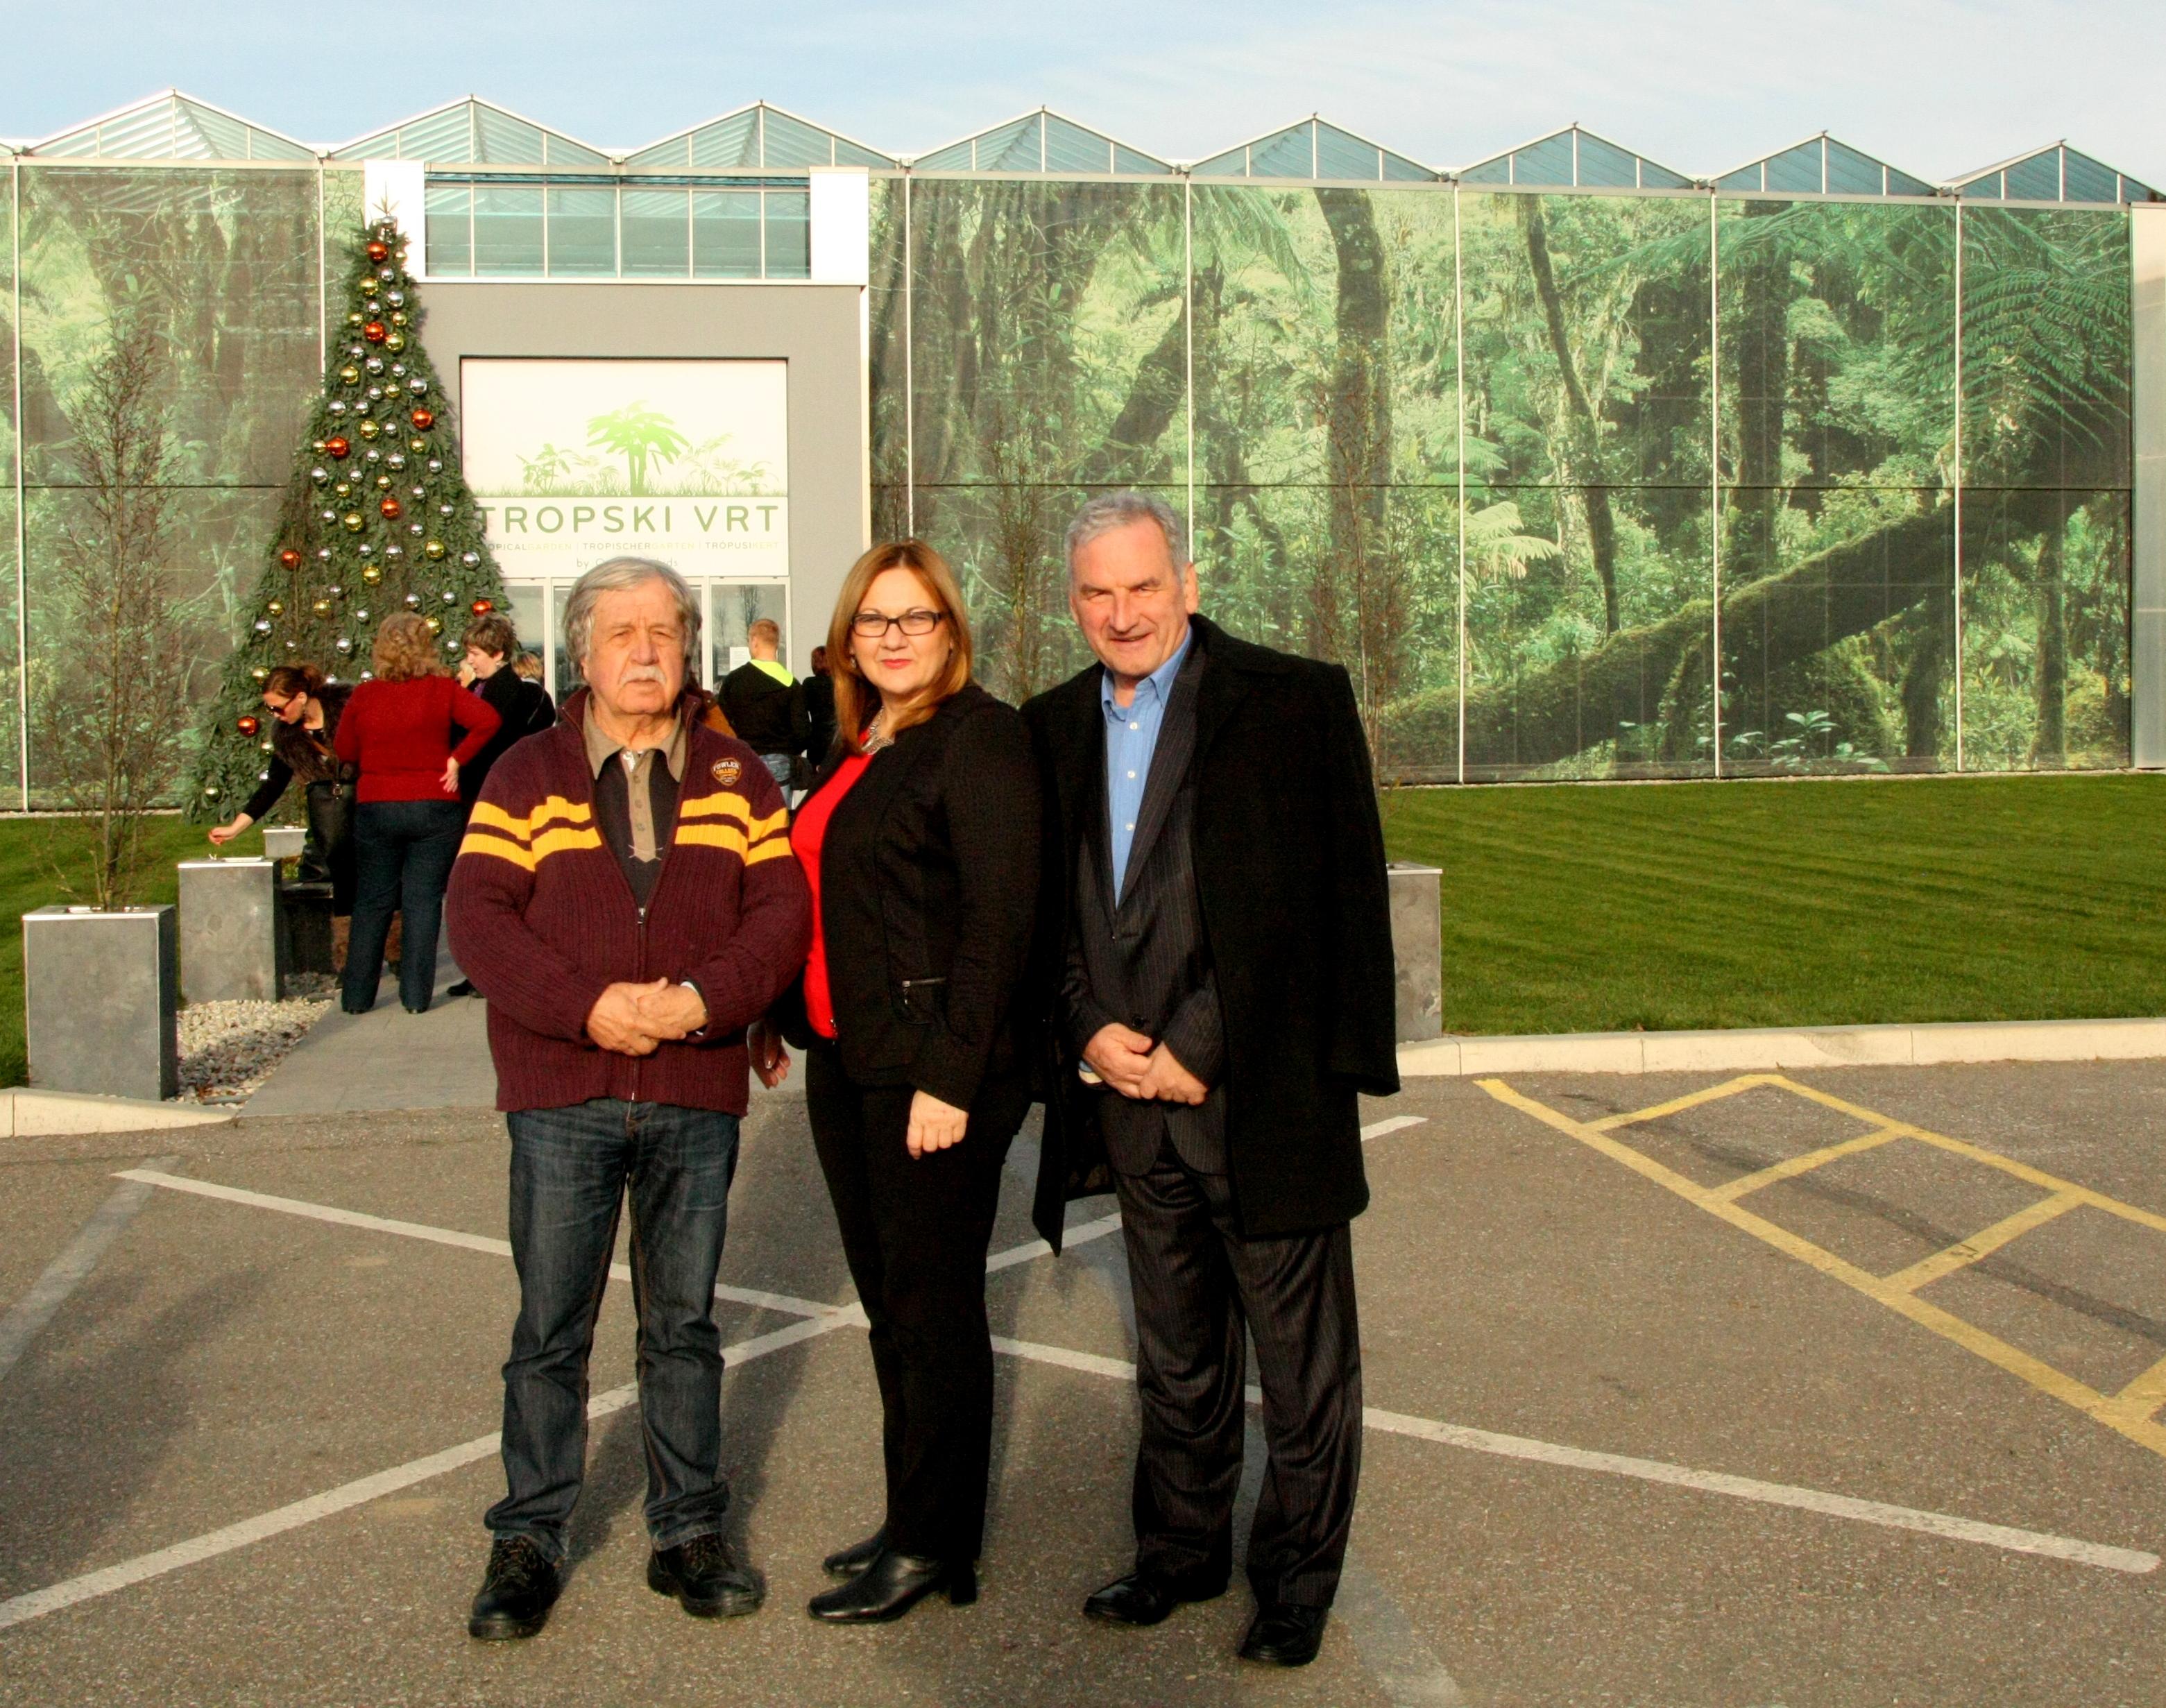 Fotografija za pamćenje: organizatori susreta sa Stojankom Lekić, narodnom poslanicom